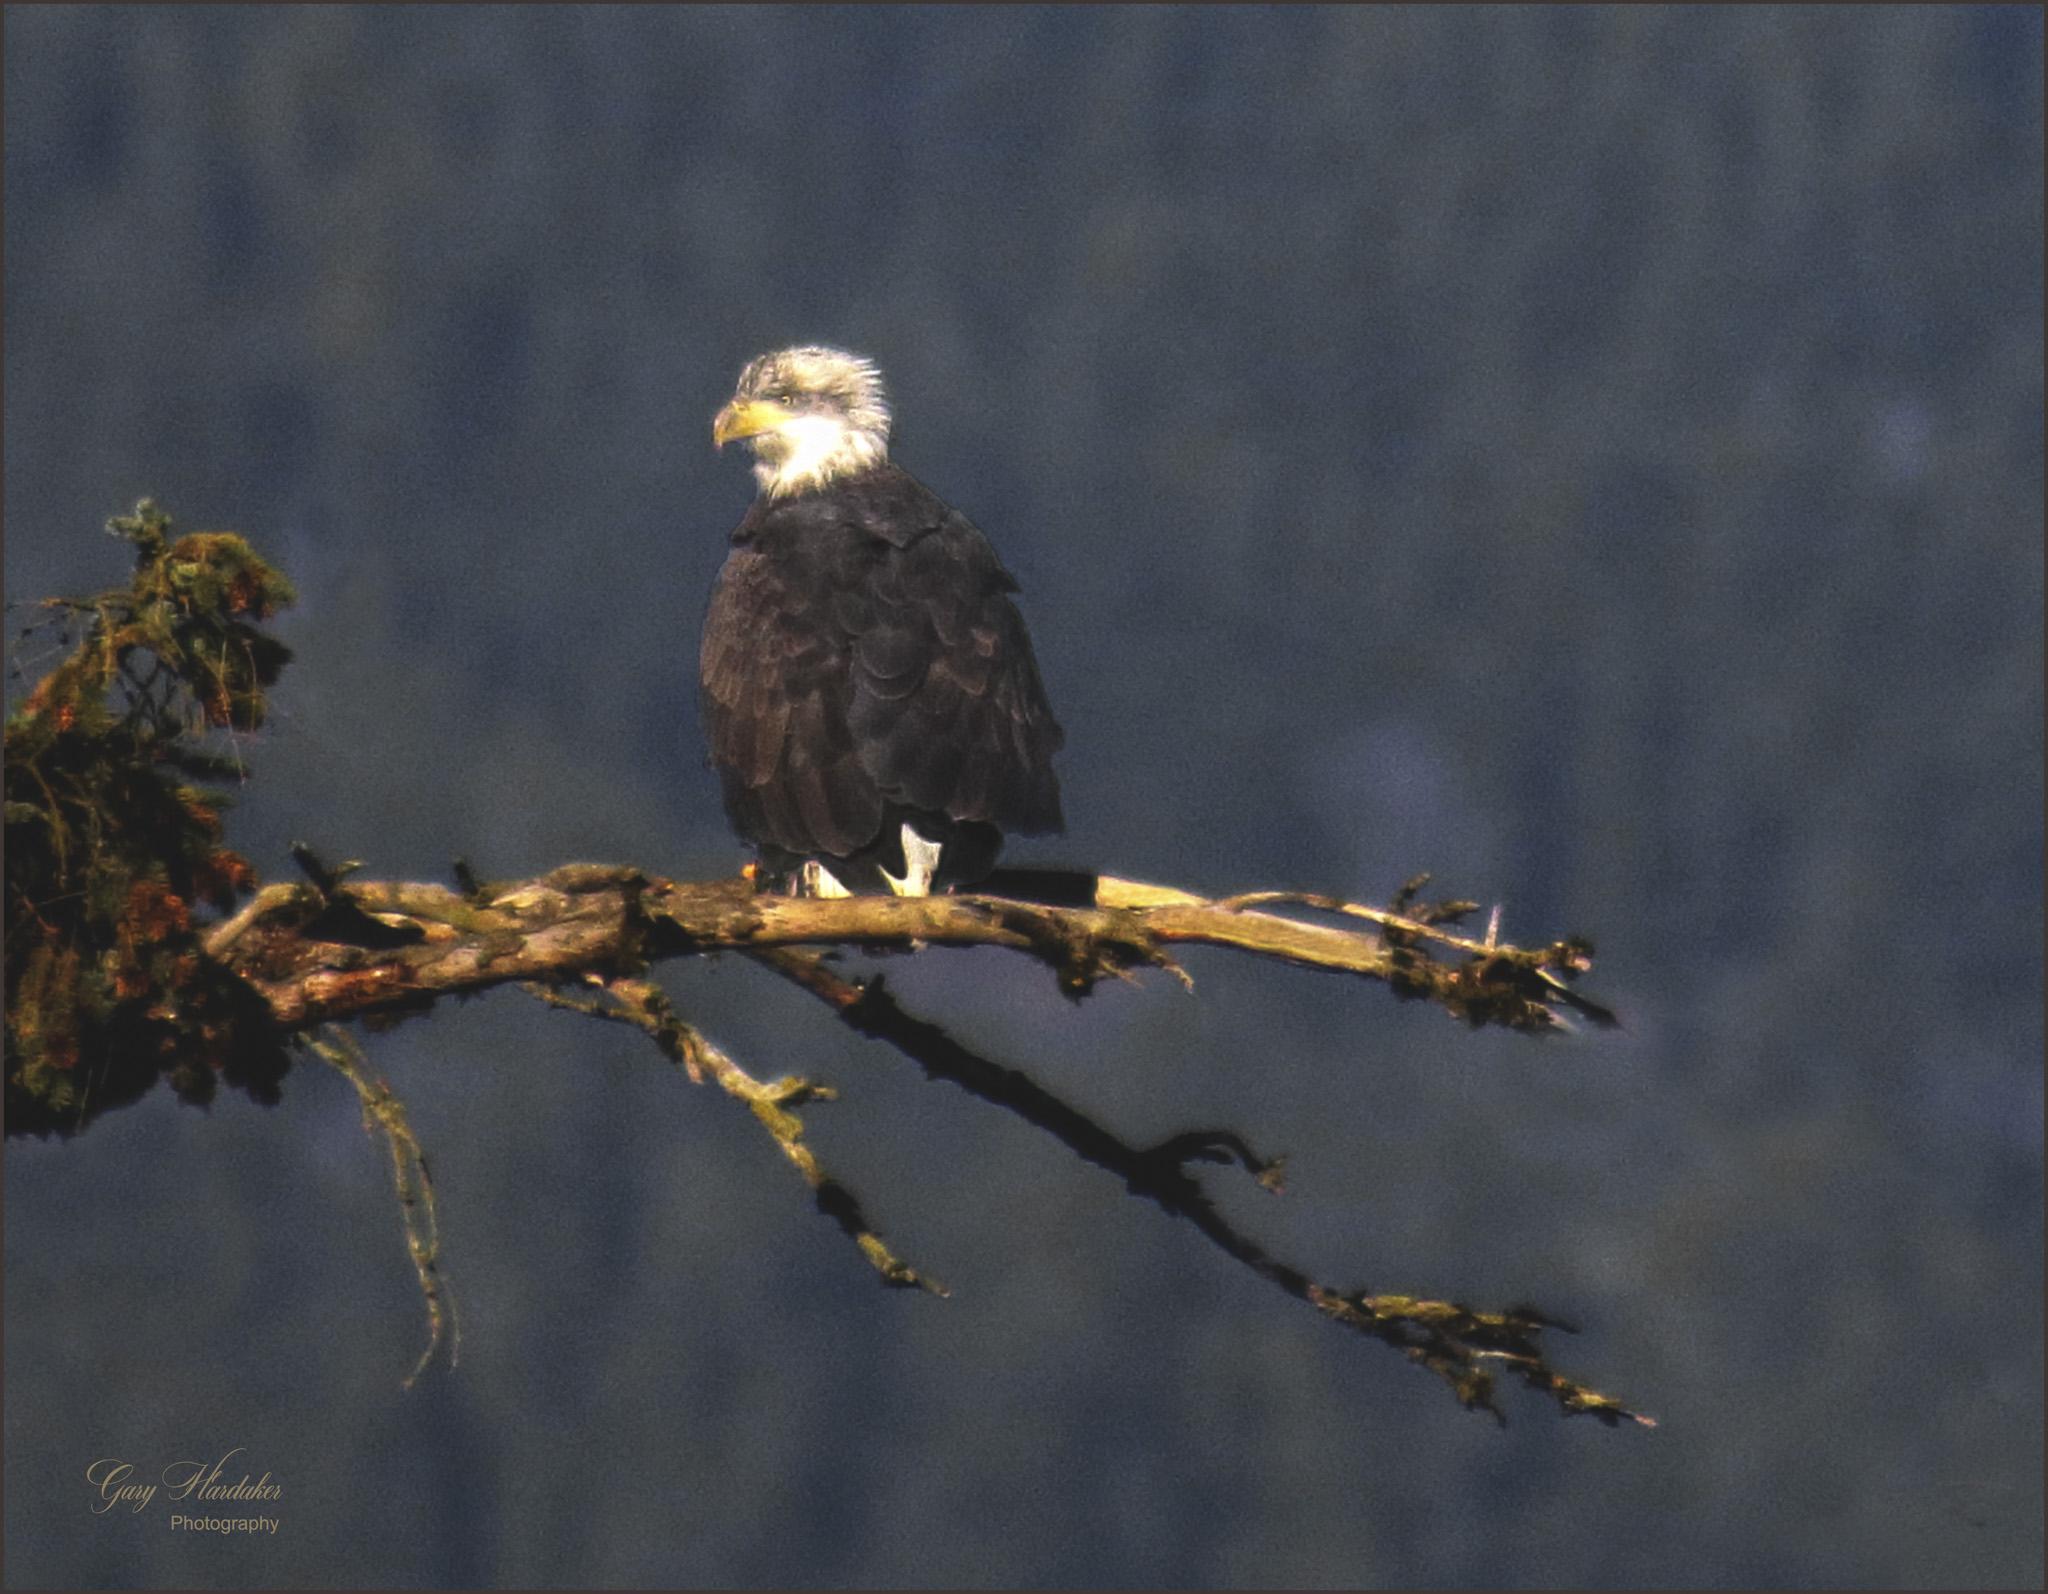 Gary Hardaker-Eaglet at Harrison River